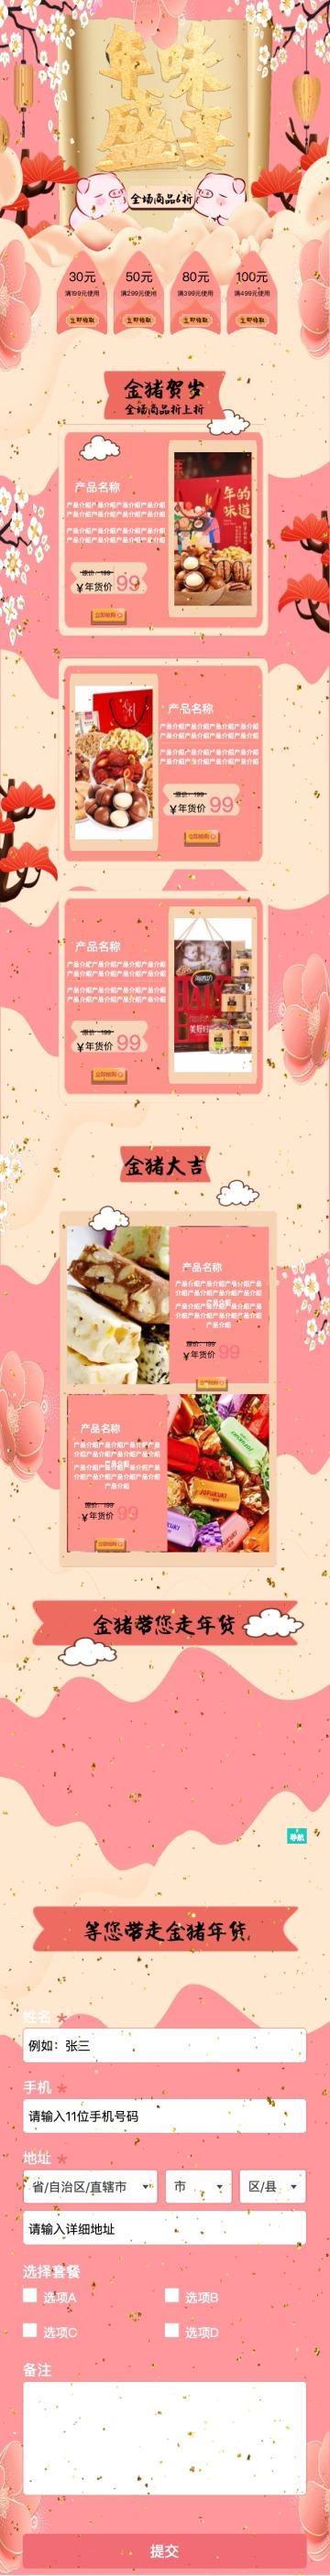 年味盛宴粉猪店铺宣传推广单页